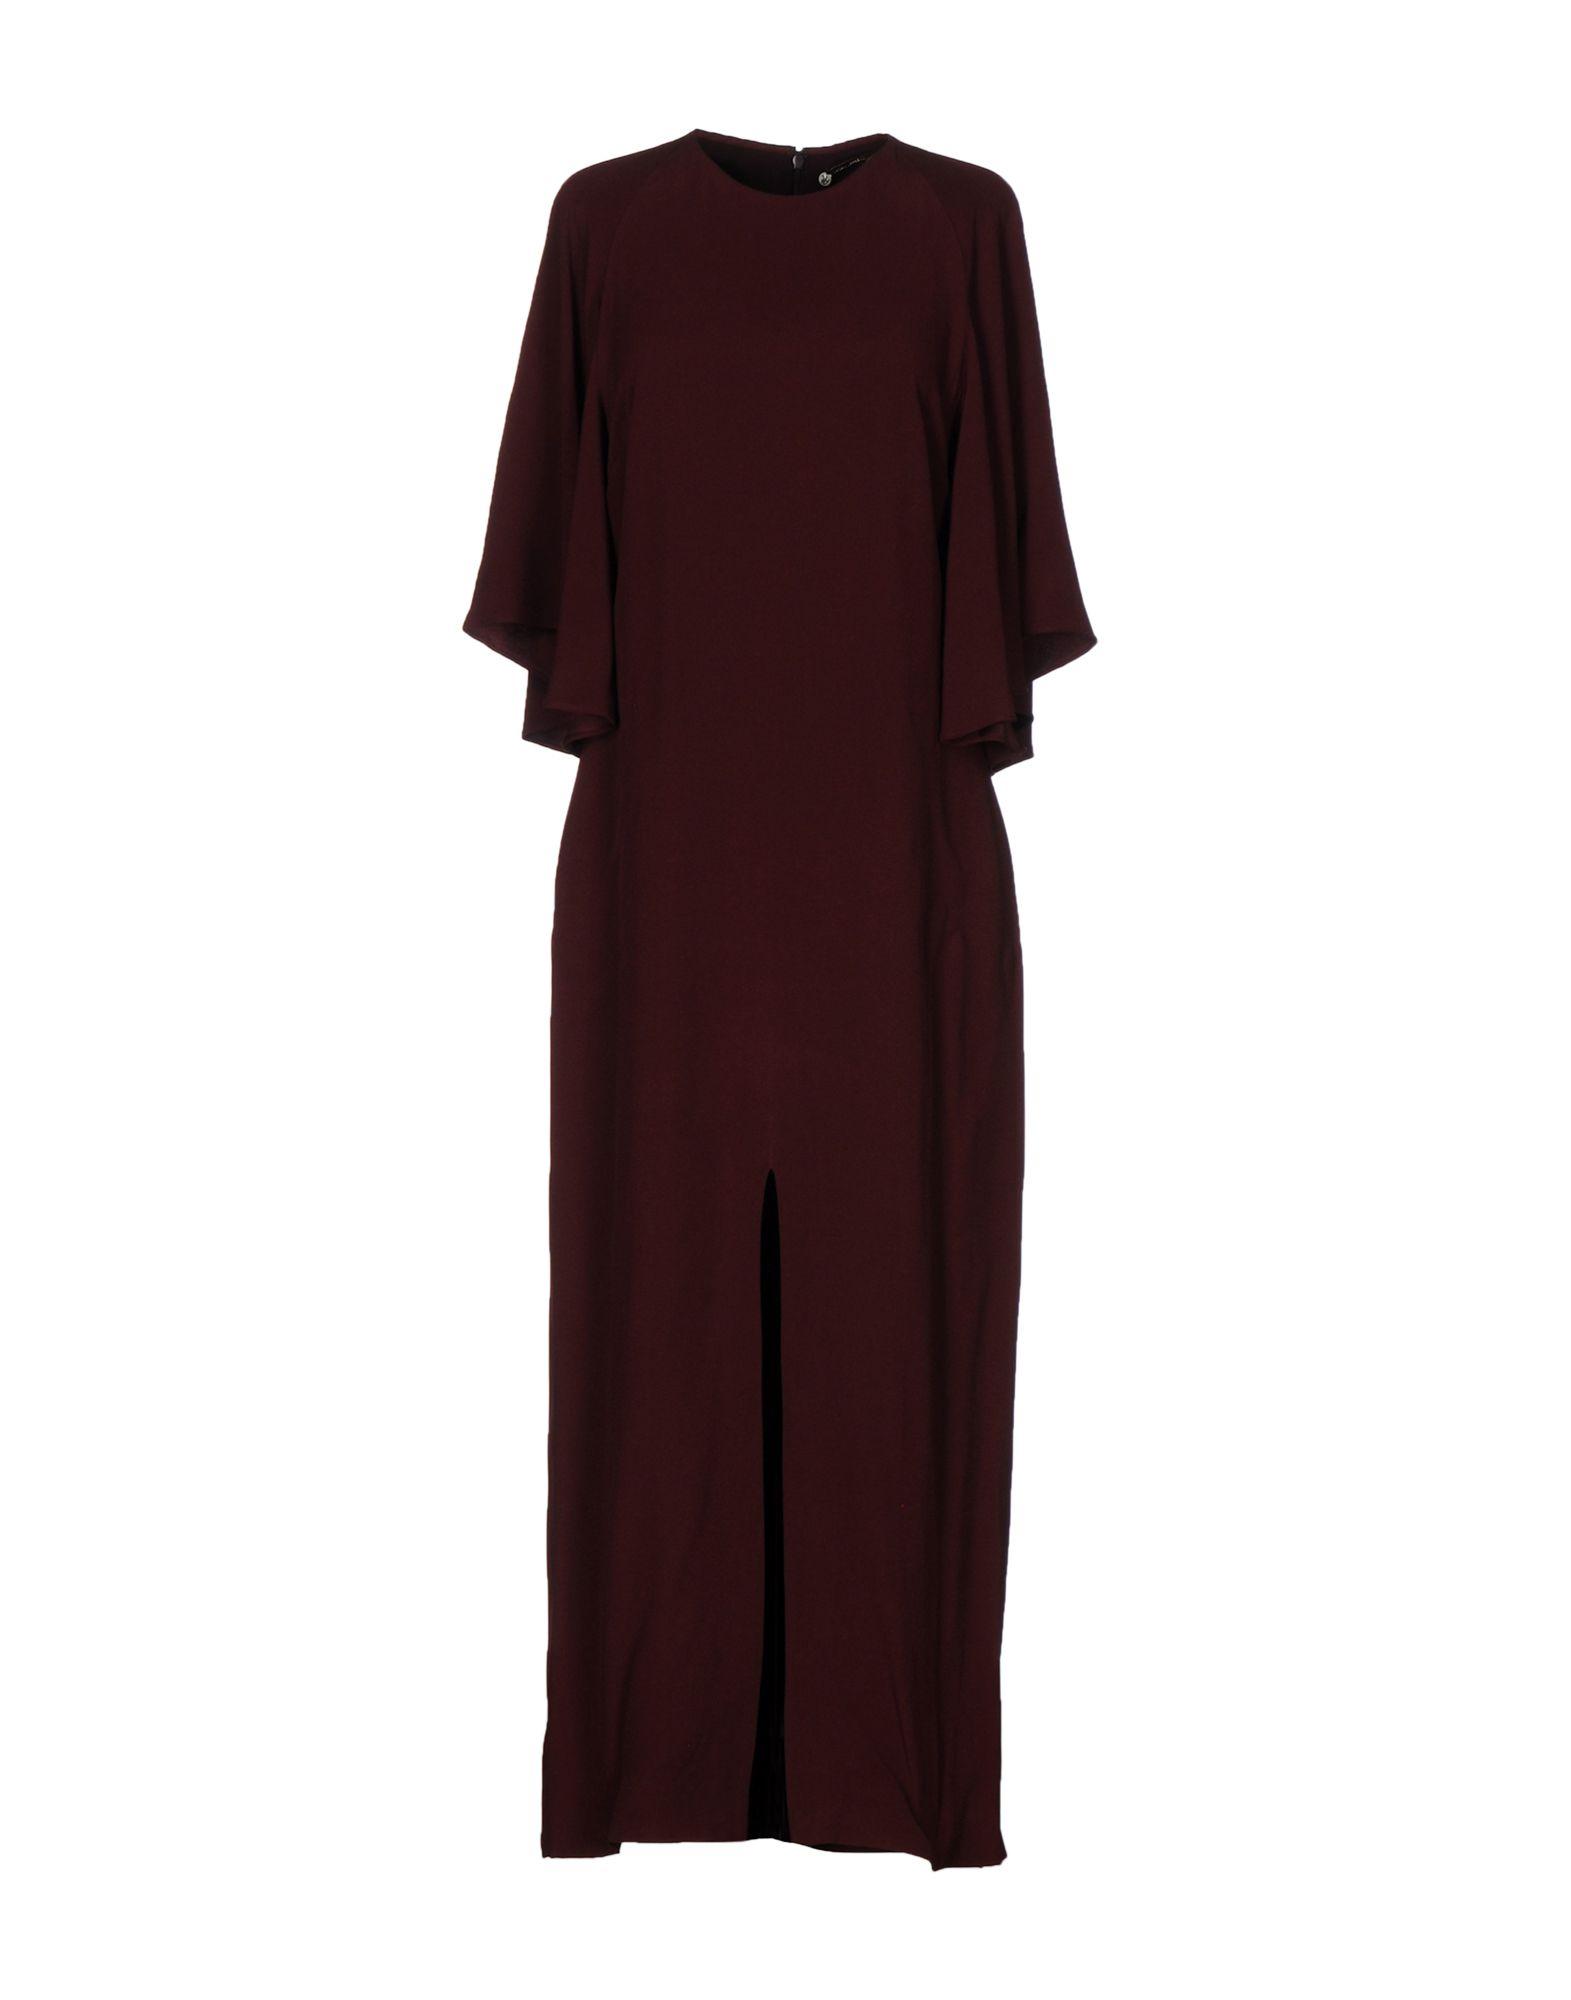 ADAM LIPPES Длинное платье платье короткое спереди длинное сзади летнее